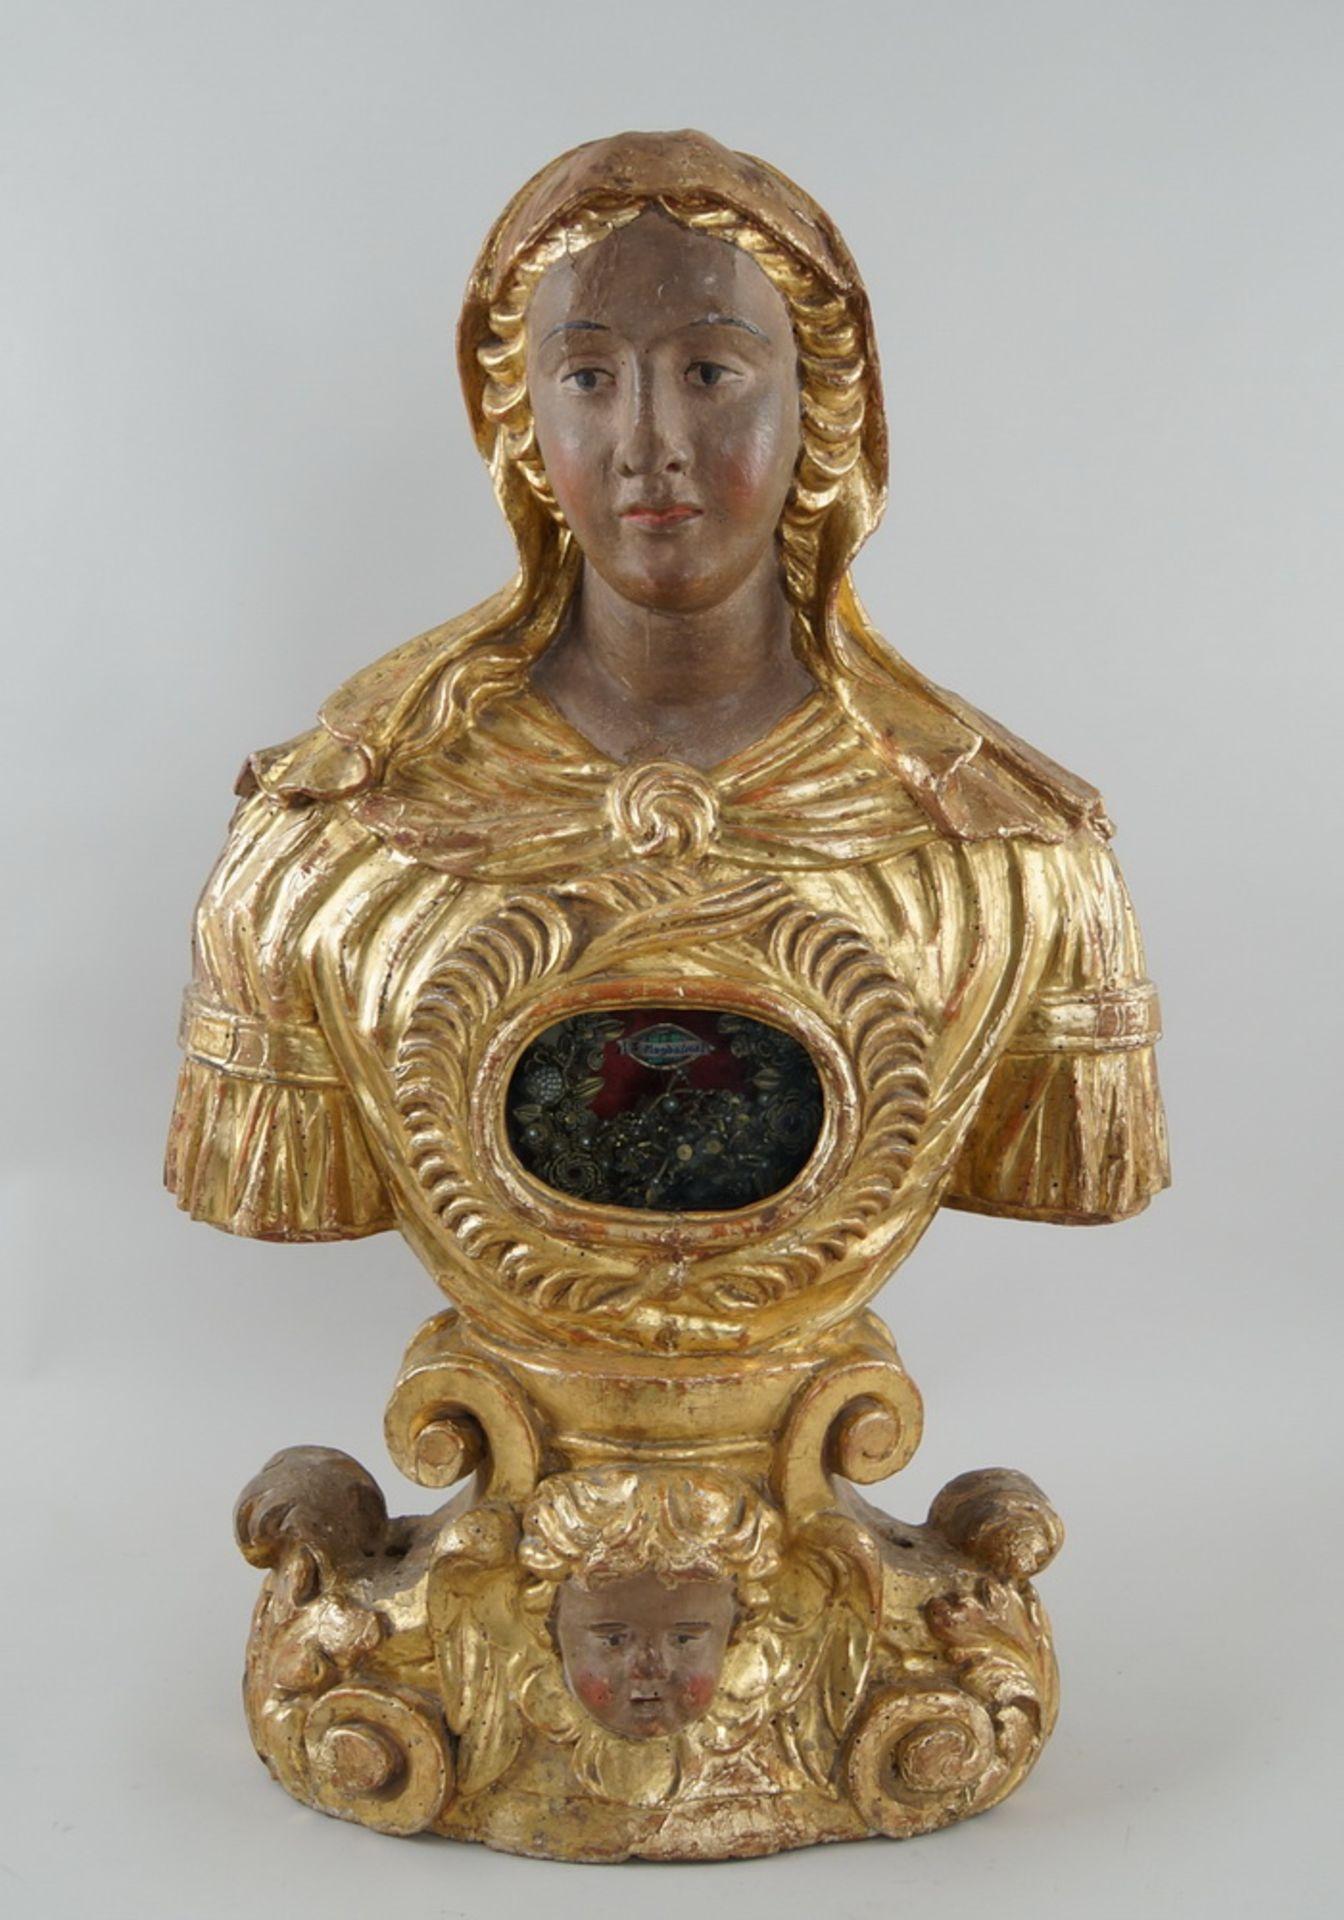 Prunkvolle Reliquienskulptur, Büste auf prächtigem Sockel, Holz geschnitzt, gefasst und